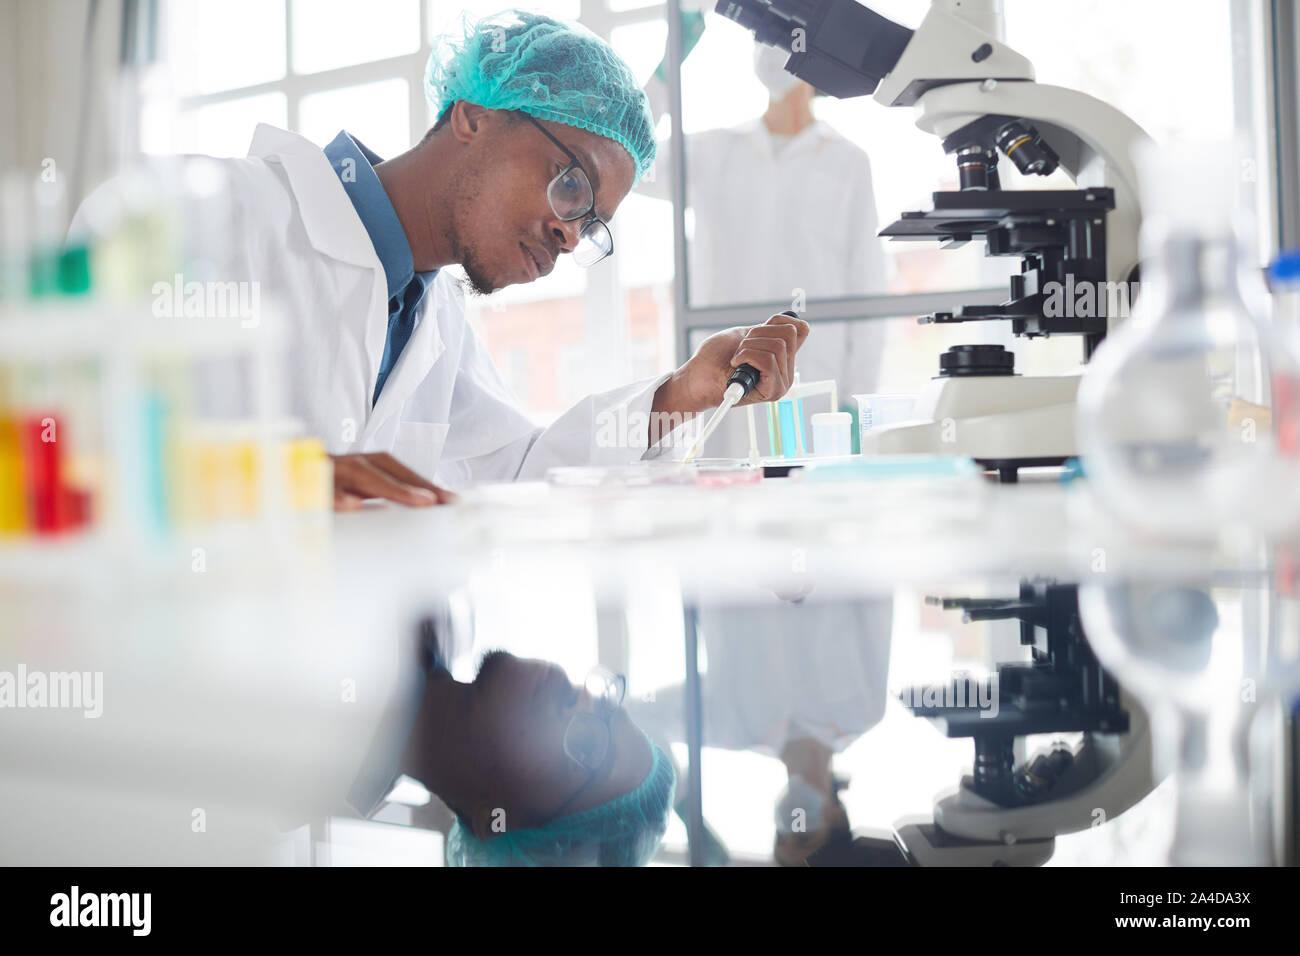 Vue de côté portrait de l'homme afro-américain travaillant dans la préparation d'échantillons de laboratoire de test dans la boîte de Pétri pour la recherche médicale, copy space Banque D'Images